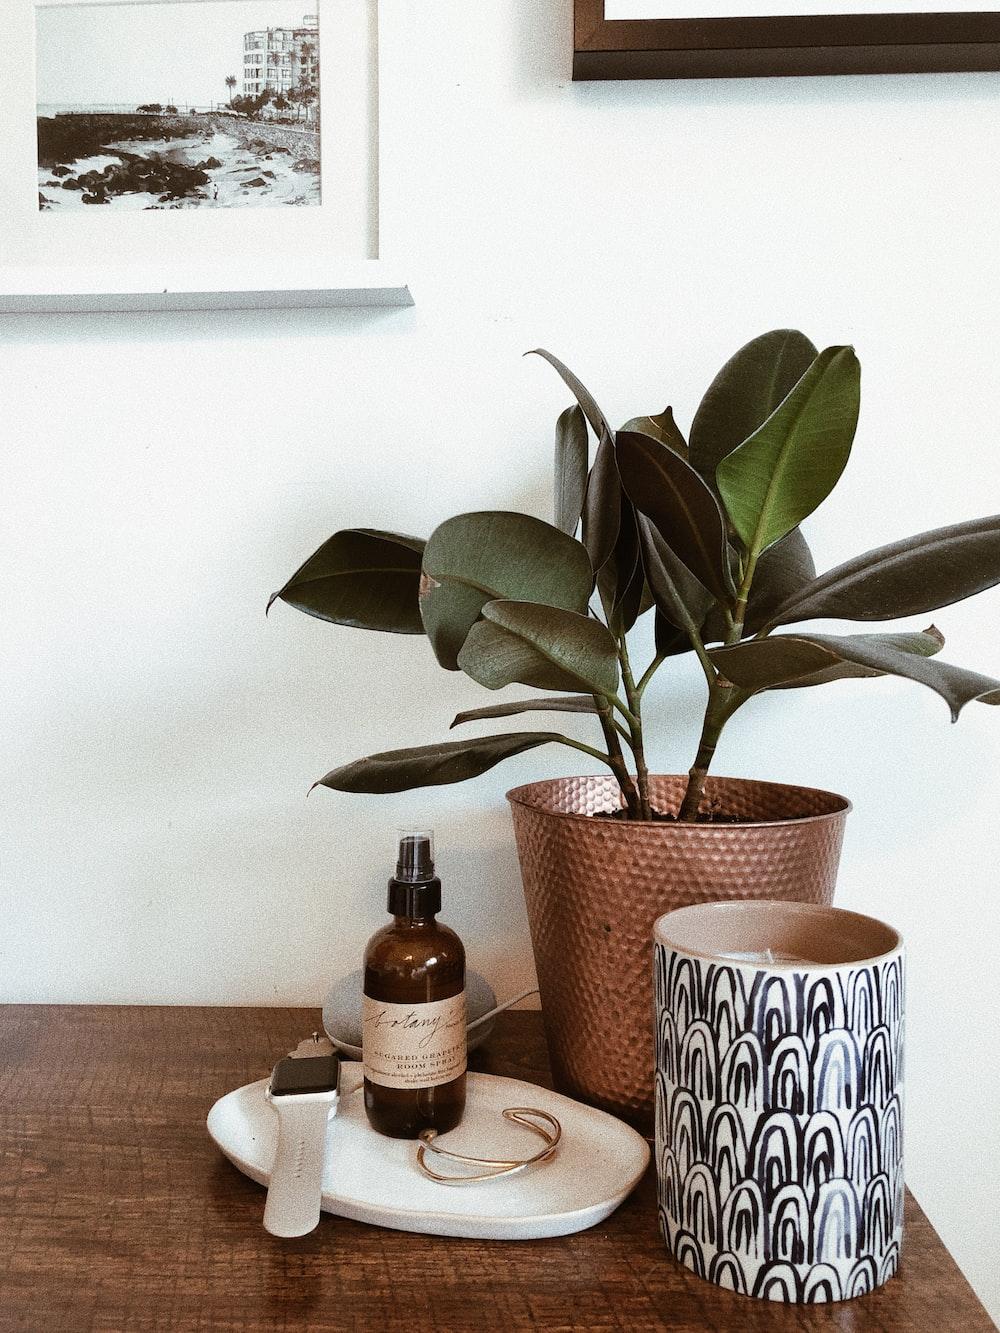 green plant in brown ceramic vase